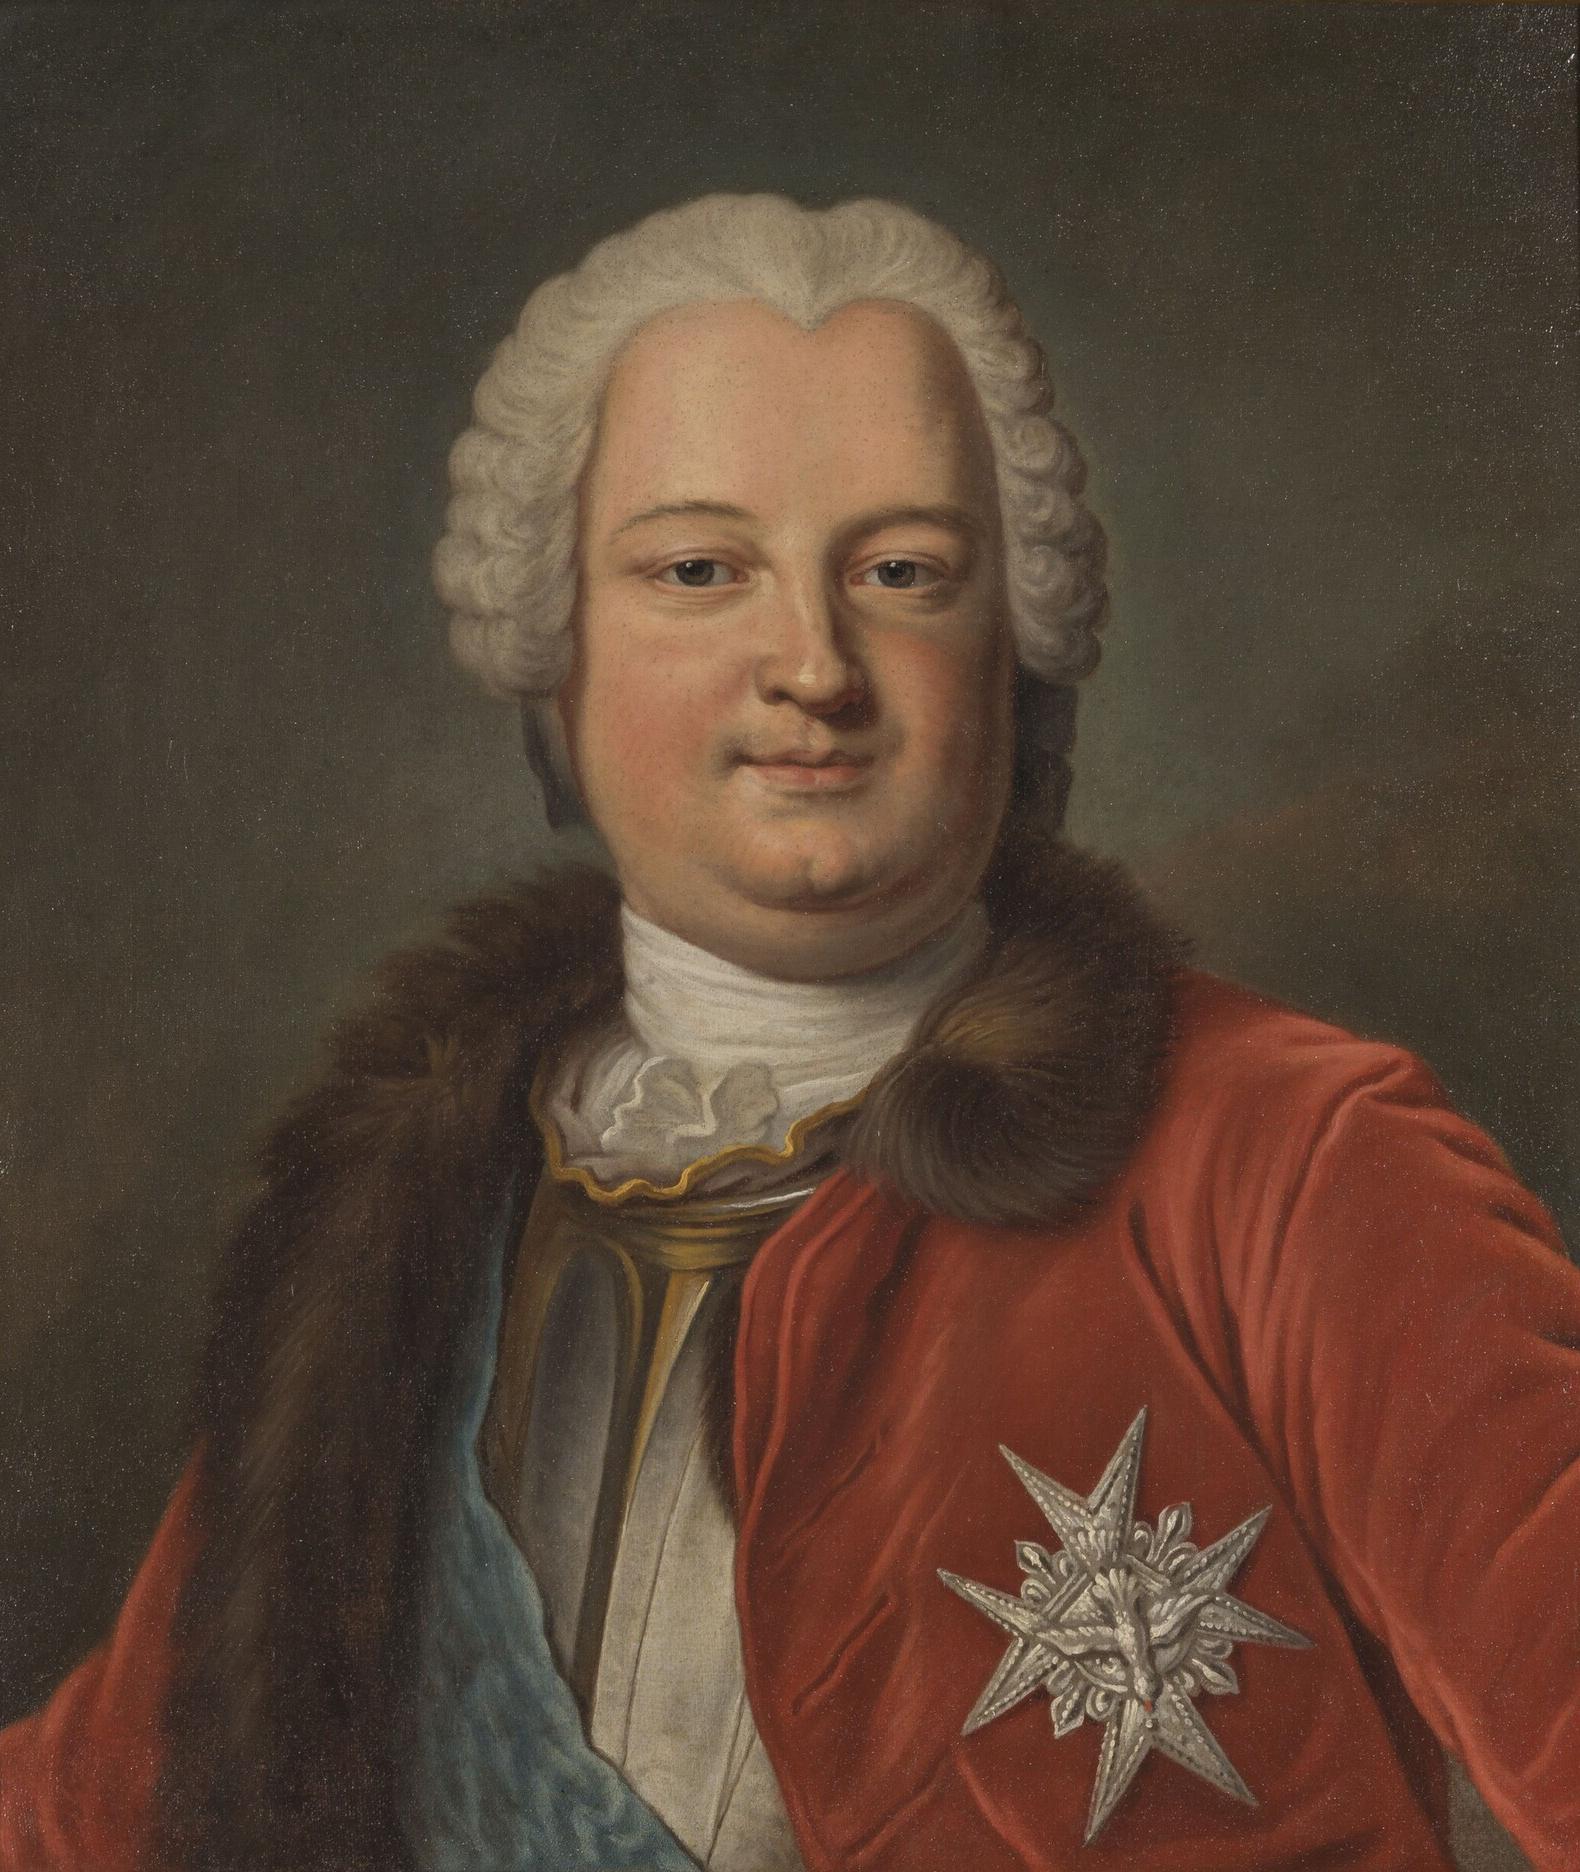 Граф Клермон, Великий мастер Великой ложи Франции с 1743 до 1771 года